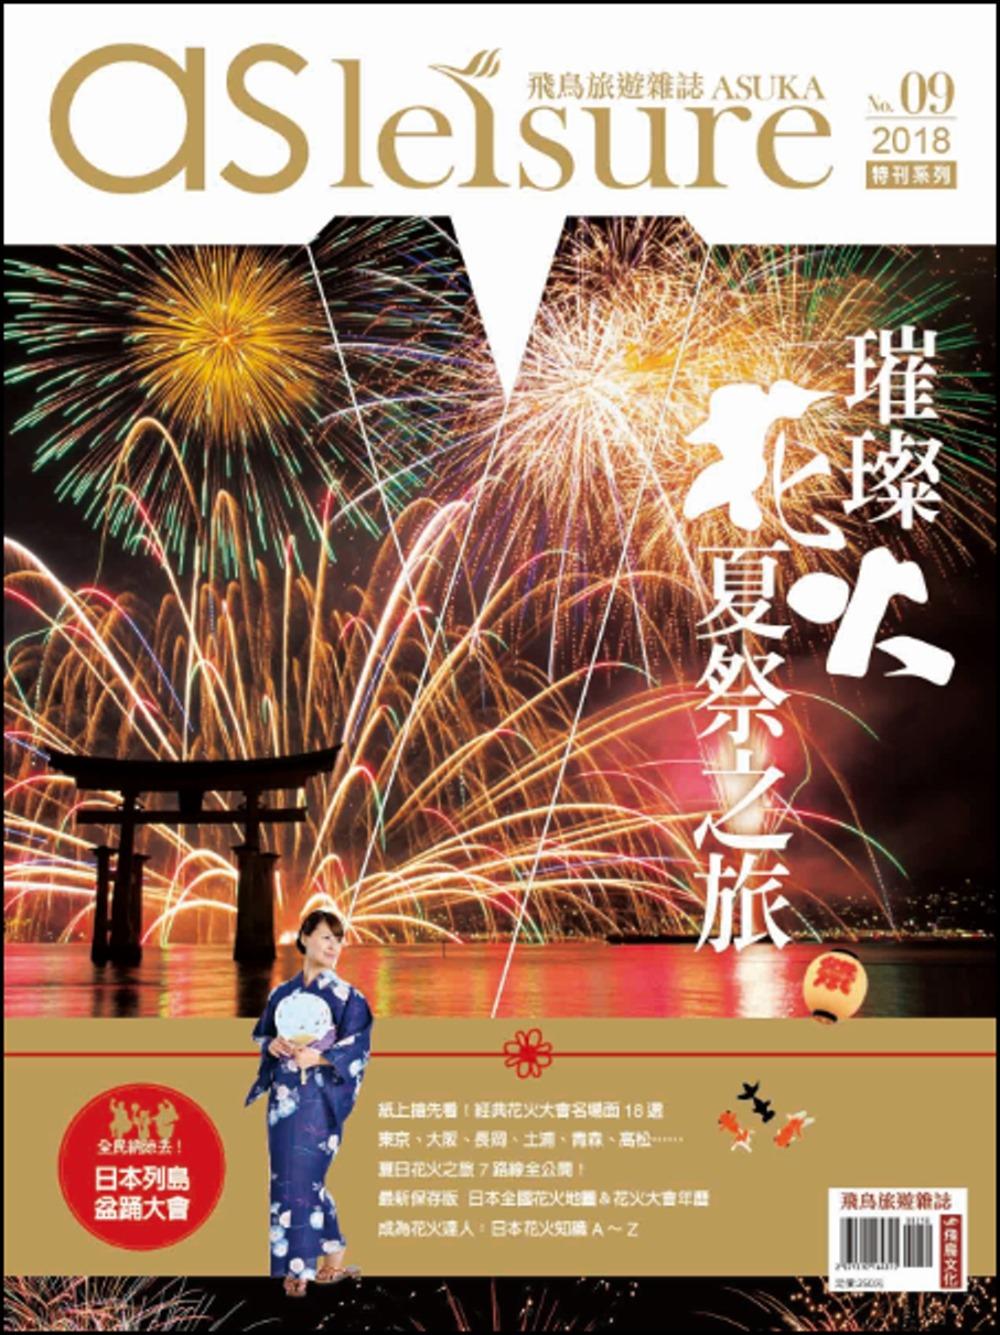 飛鳥旅遊誌 :璀璨花火夏祭之旅